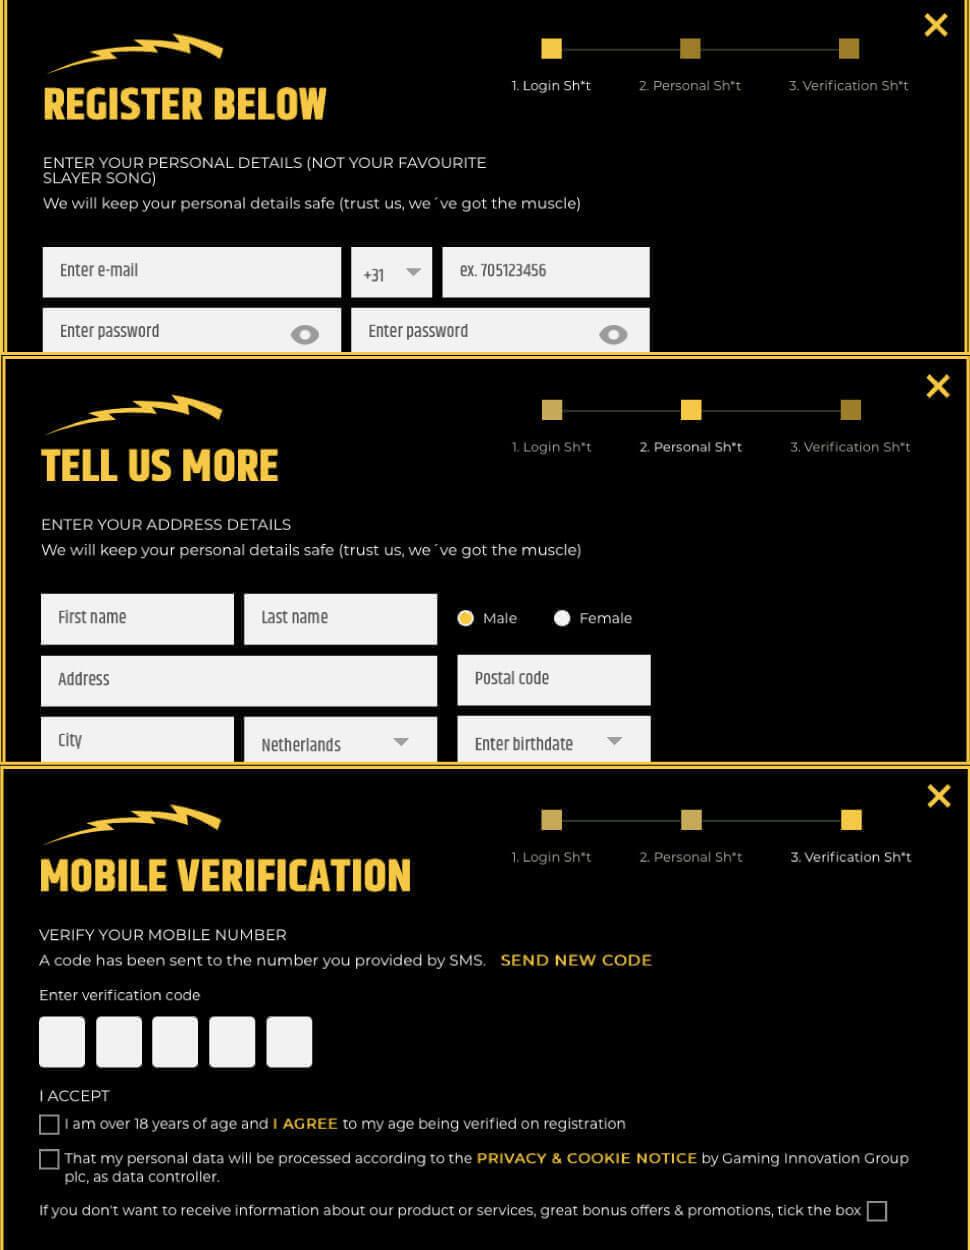 The-Online-Casino-NL-Metal-Casino-Registratie-Formulier